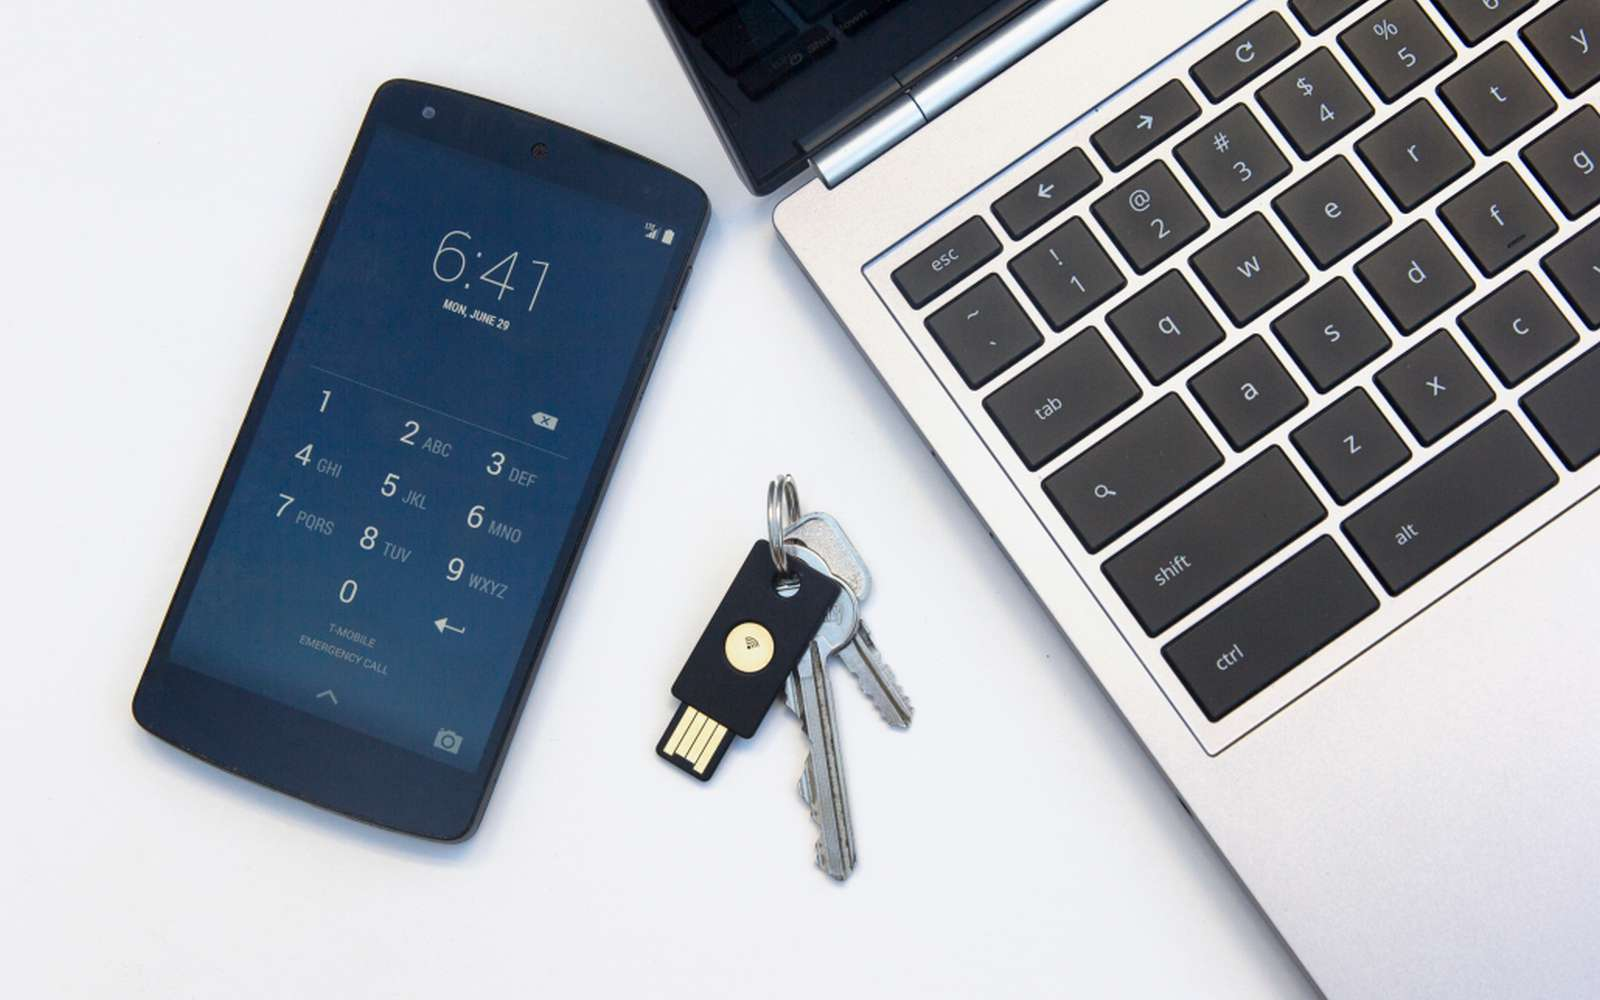 Le nouveau programme de sécurité de Google propose notamment l'utilisation d'une clé de sécurité U2F FIDO. © Yubico